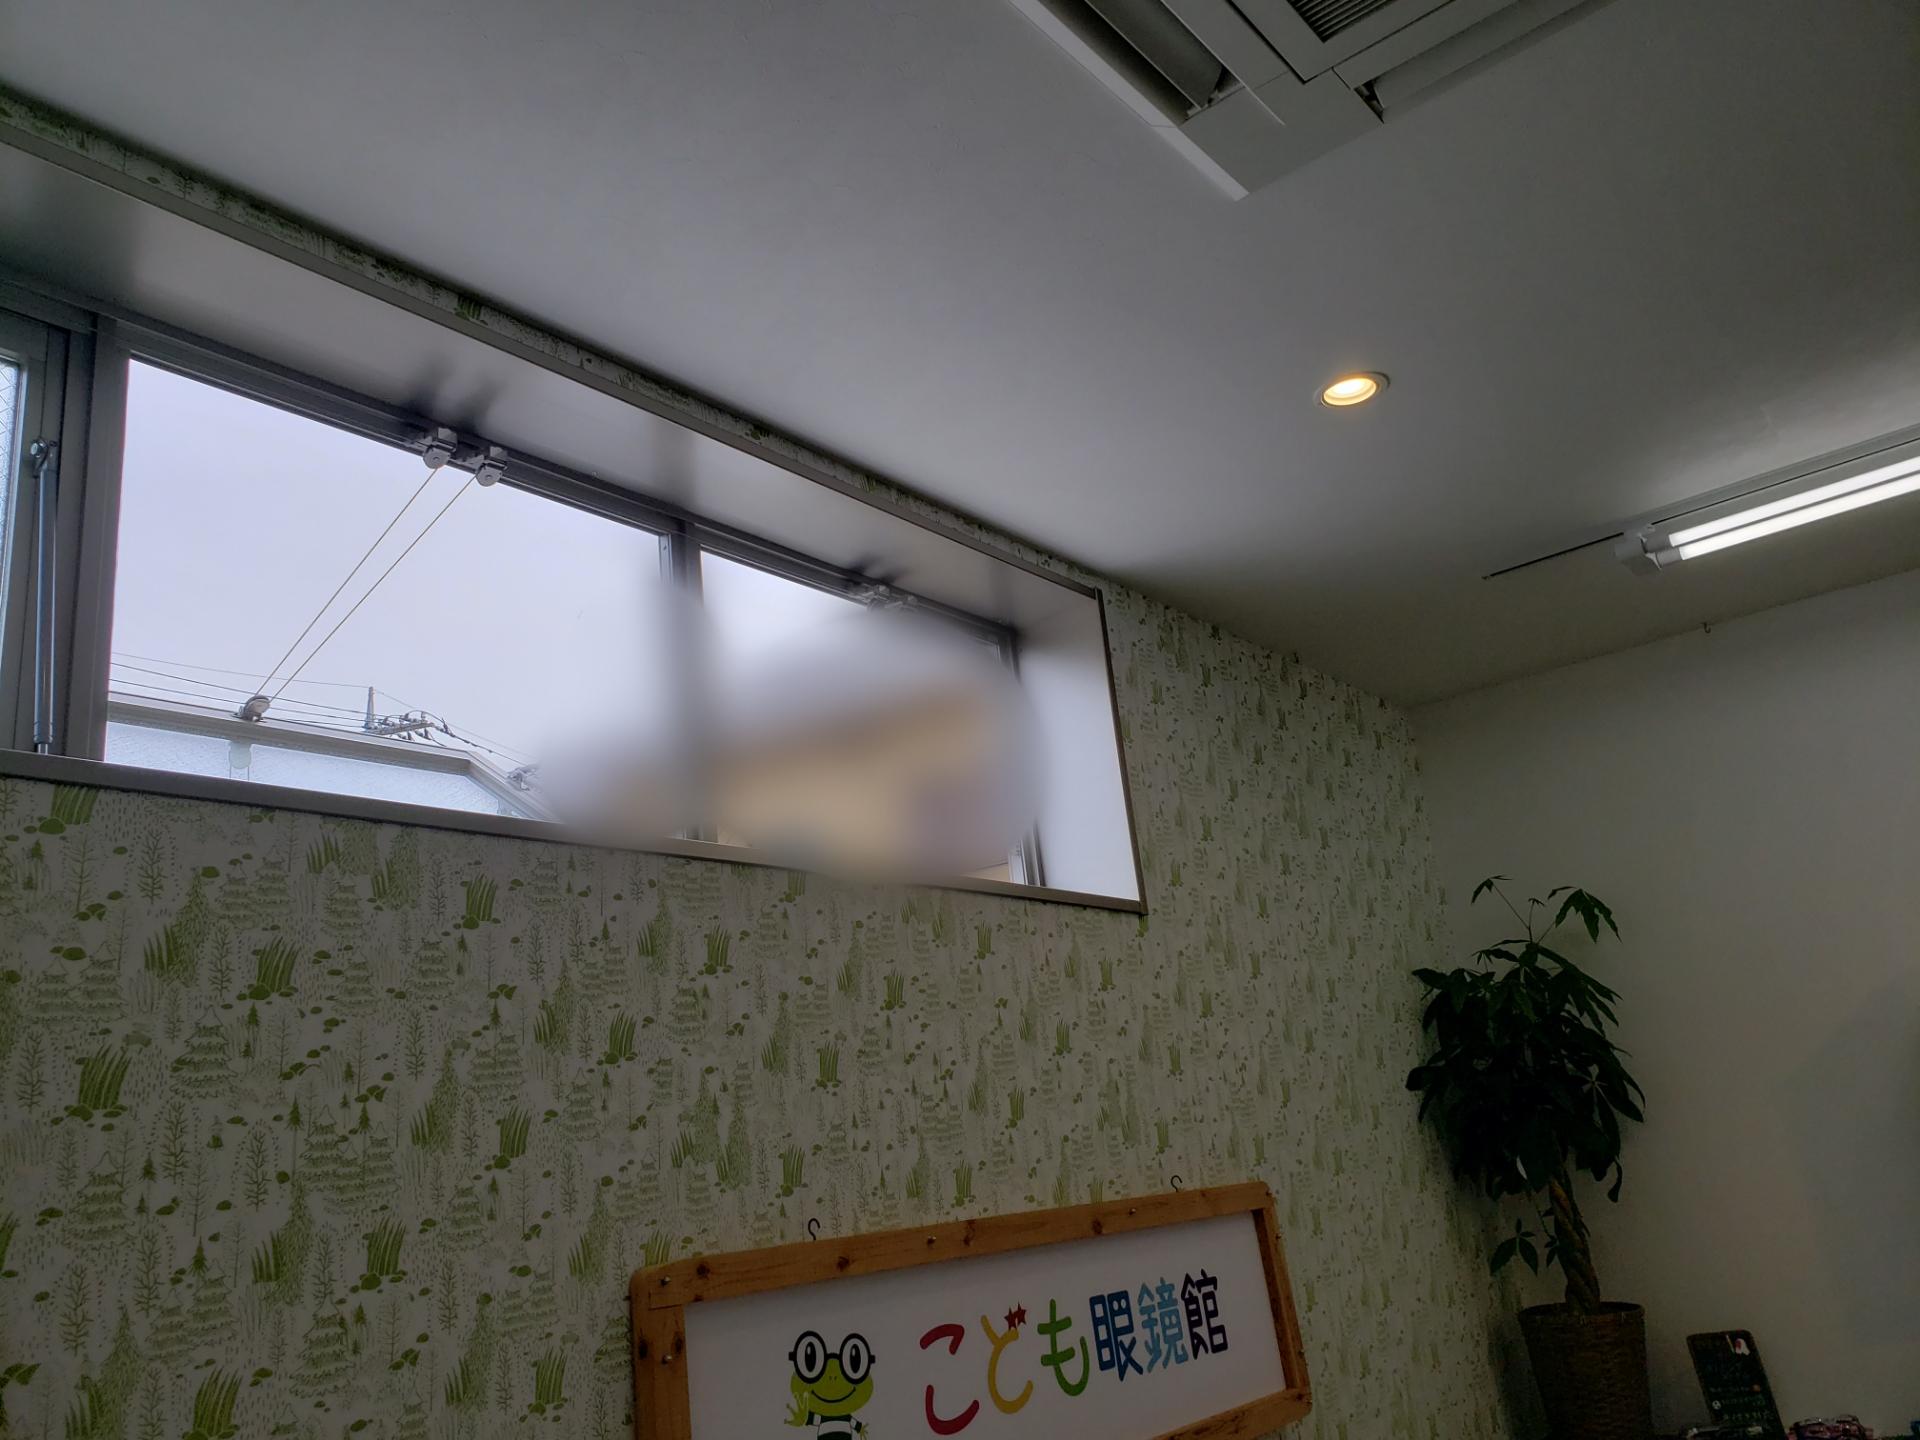 コロナ対策 眼鏡 野田市 野田 メガネマーケット メガネ